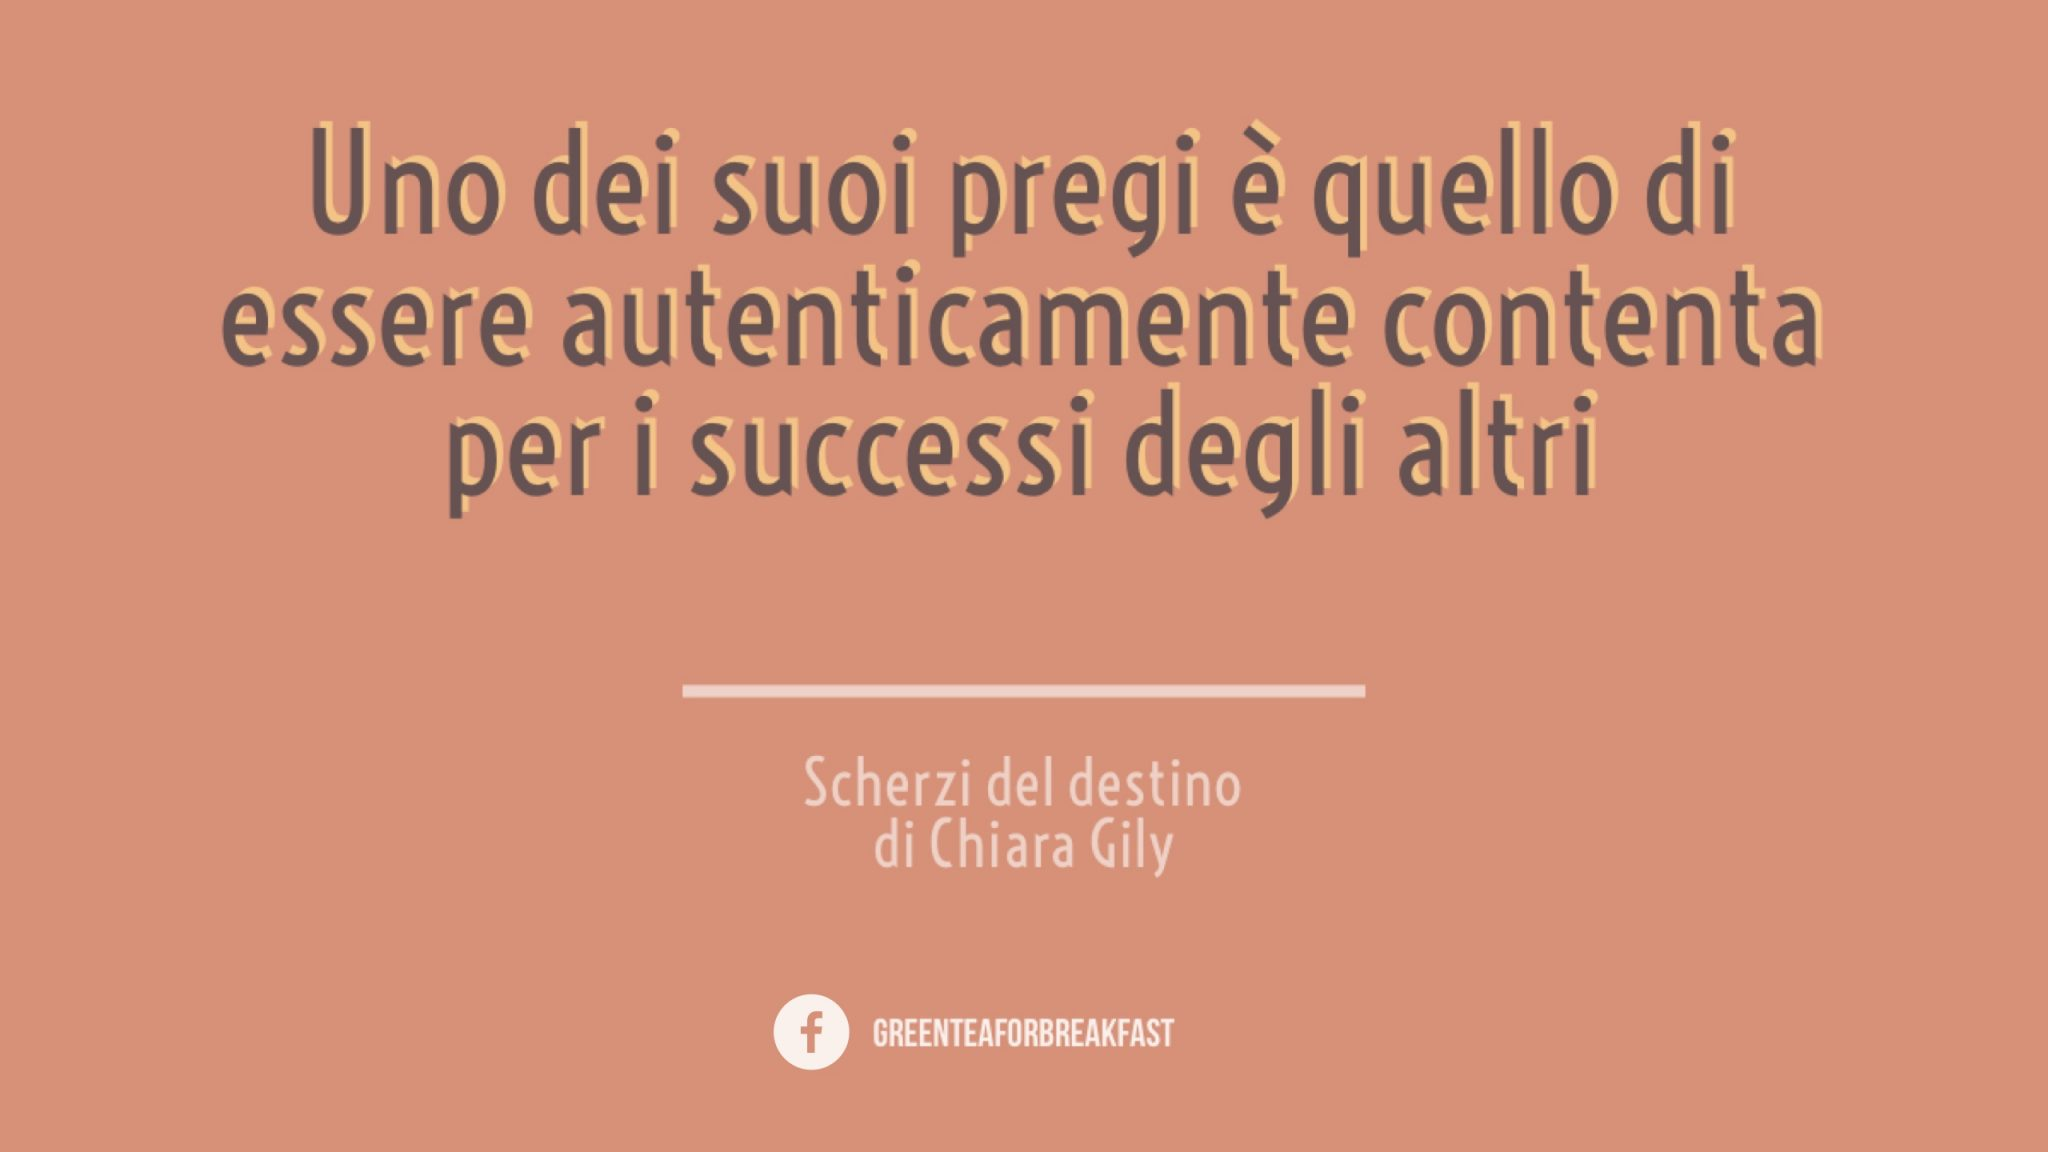 Citazione tratta da Scherzi del destino di Chiara Gily - Immagine di tatianaberlaffa.com